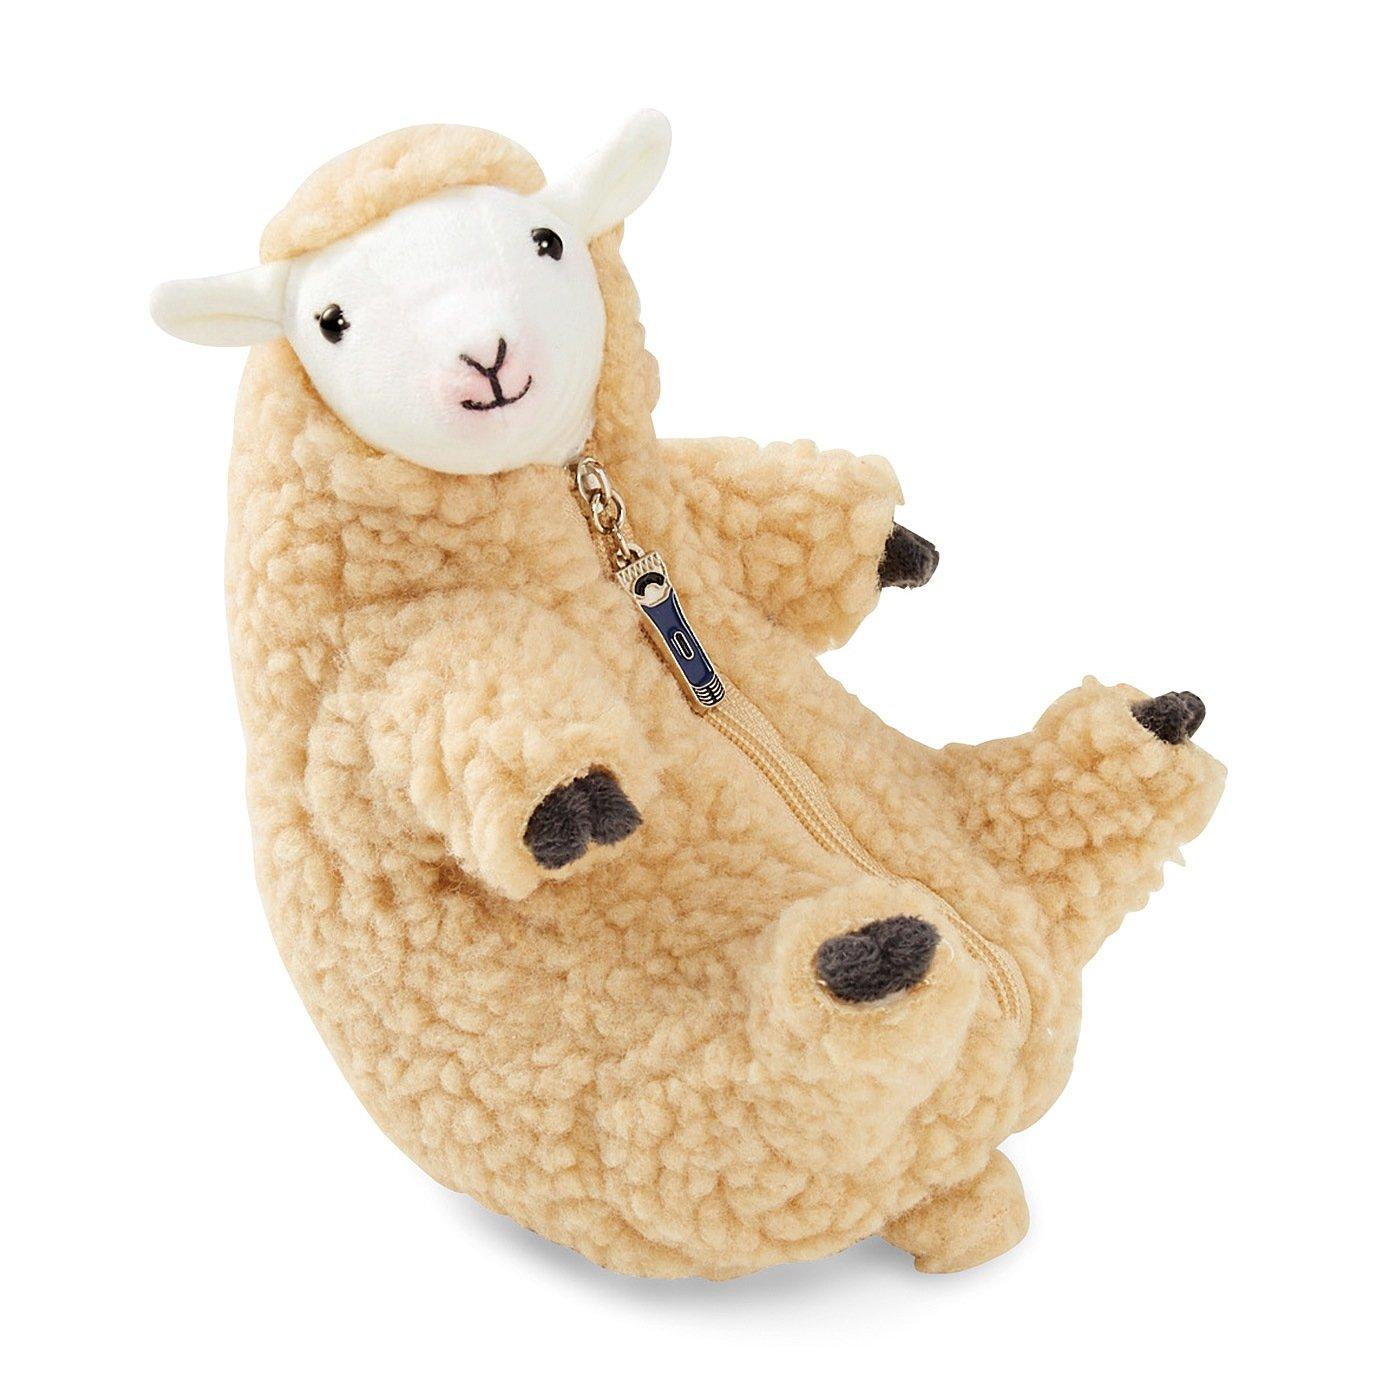 YOU+MORE! 羊の毛刈りがいつでもどこでも楽しめる 羊の毛刈りぬいぐるみ